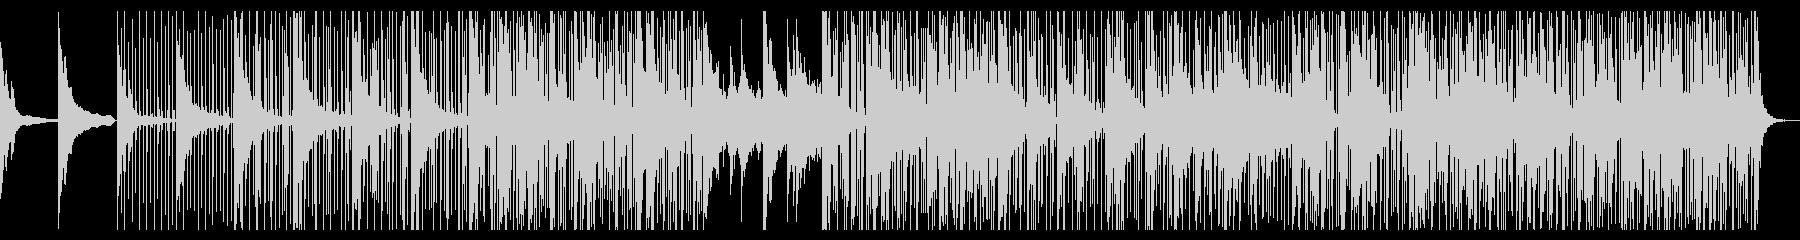 ヒップホップなアンビエントピアノジャズの未再生の波形